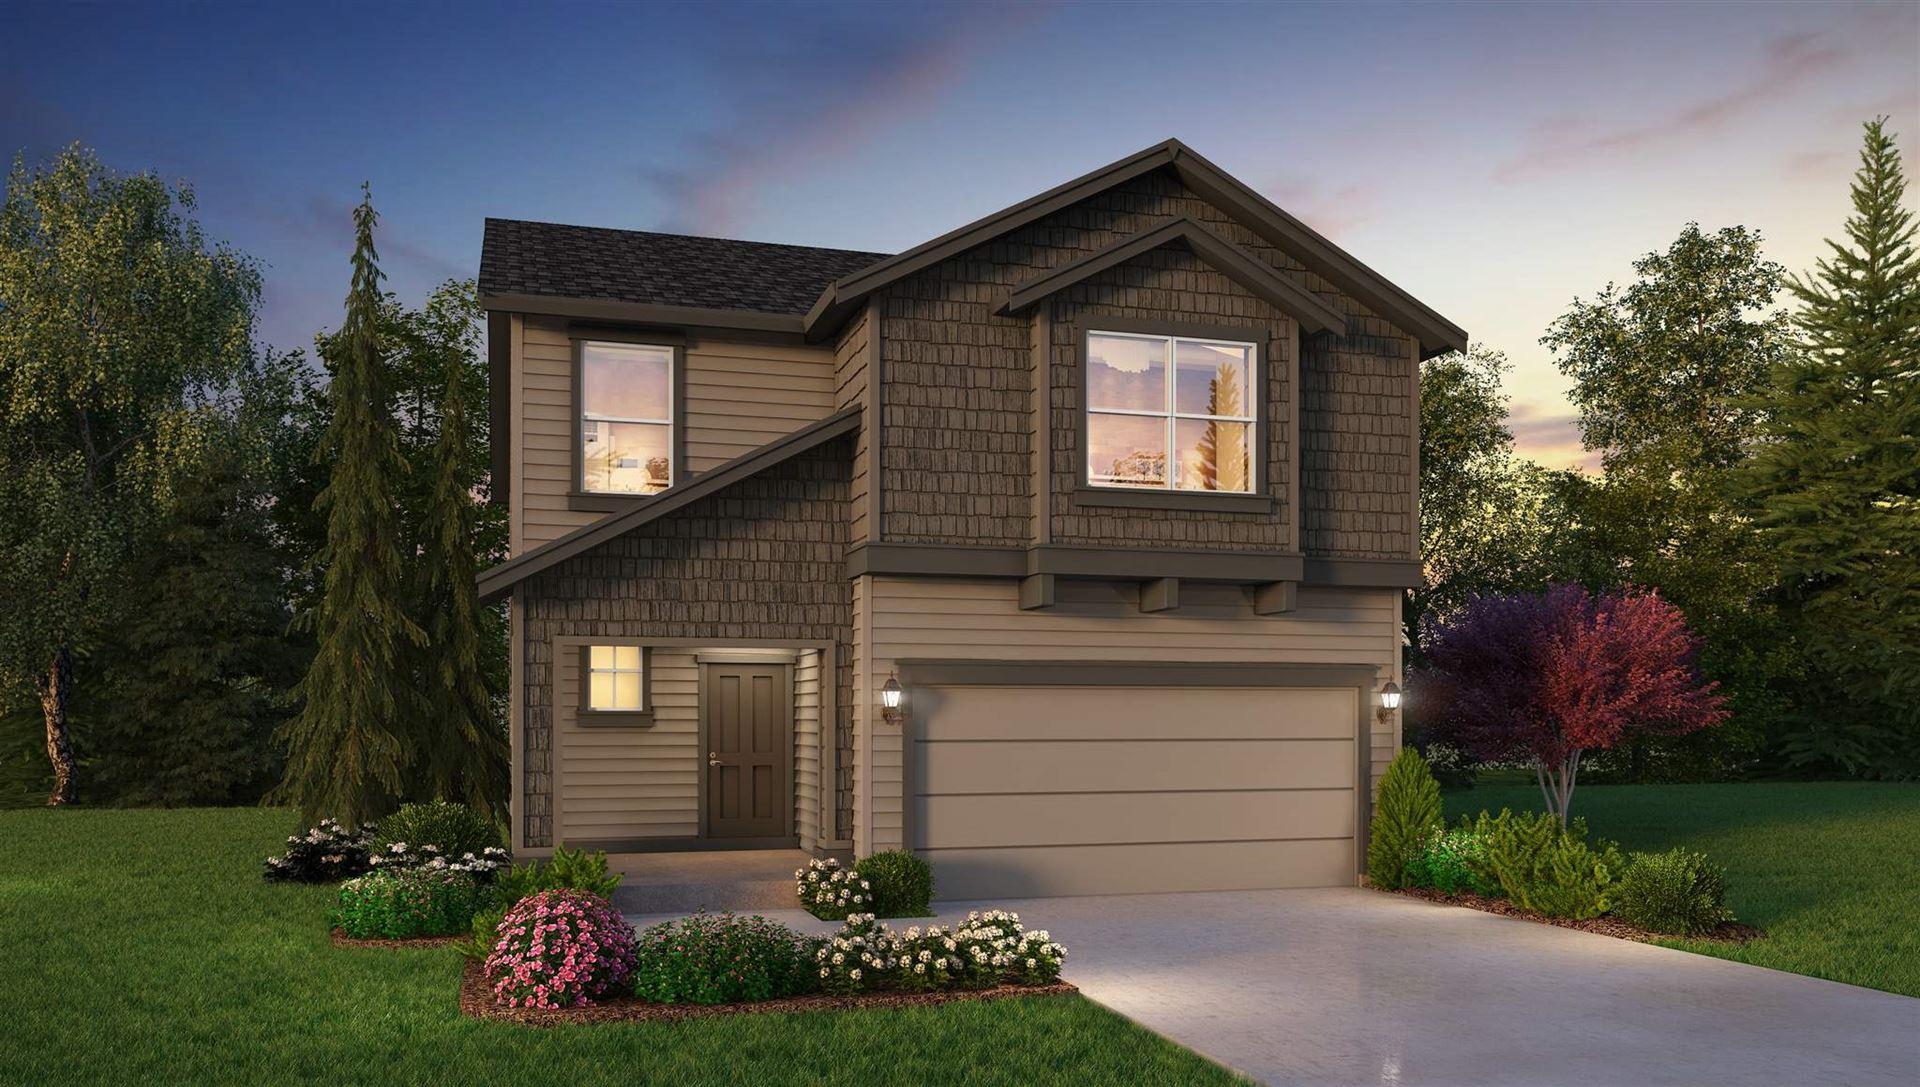 5717 W Youngstown Ln, Spokane, WA 99208 - #: 202113146